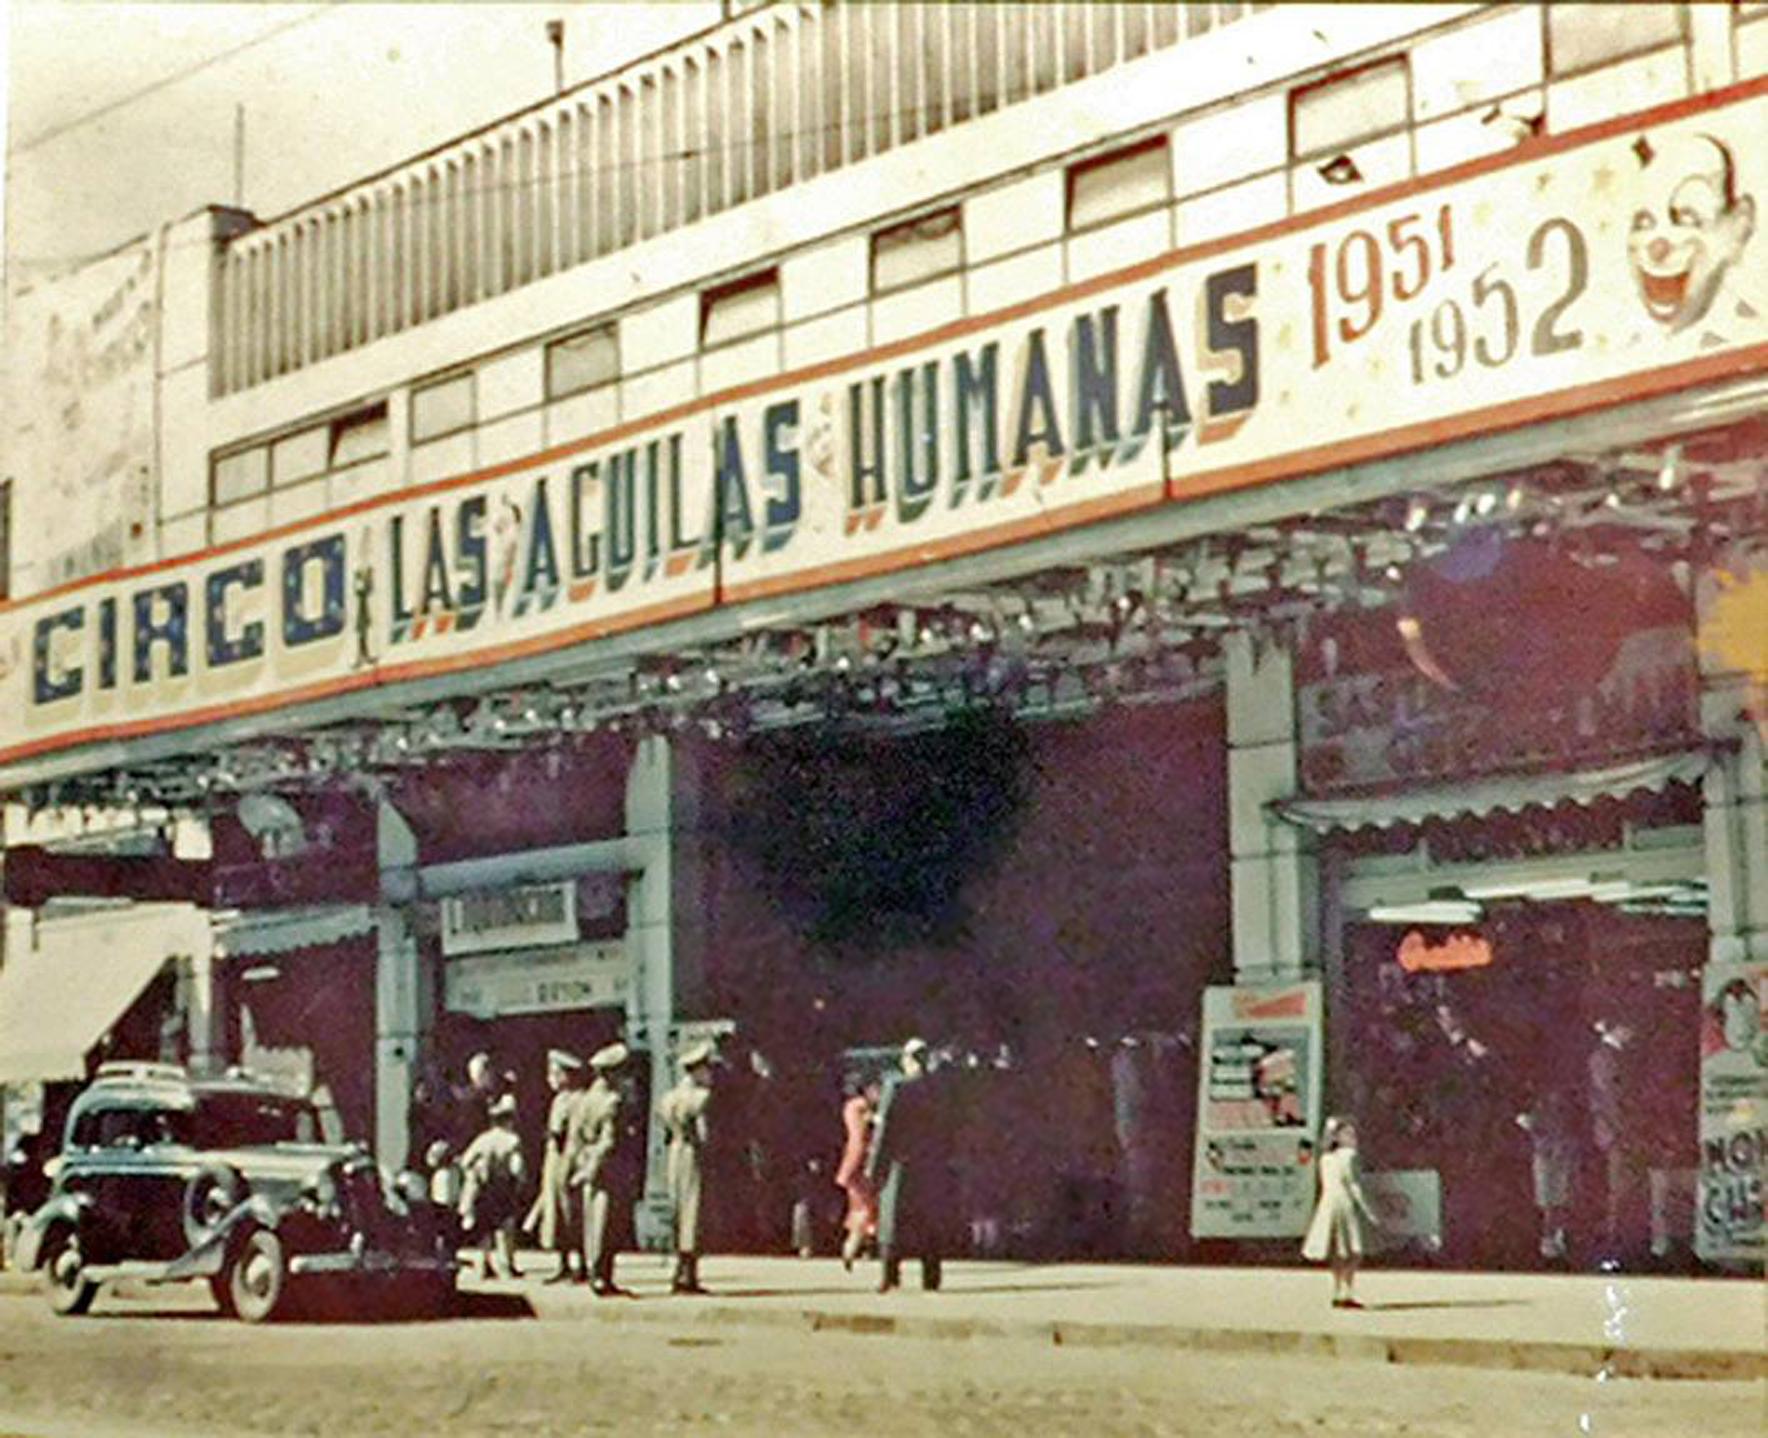 Enterreno - Fotos históricas de chile - fotos antiguas de Chile - Teatro Caupolicán de Santiago en 1952